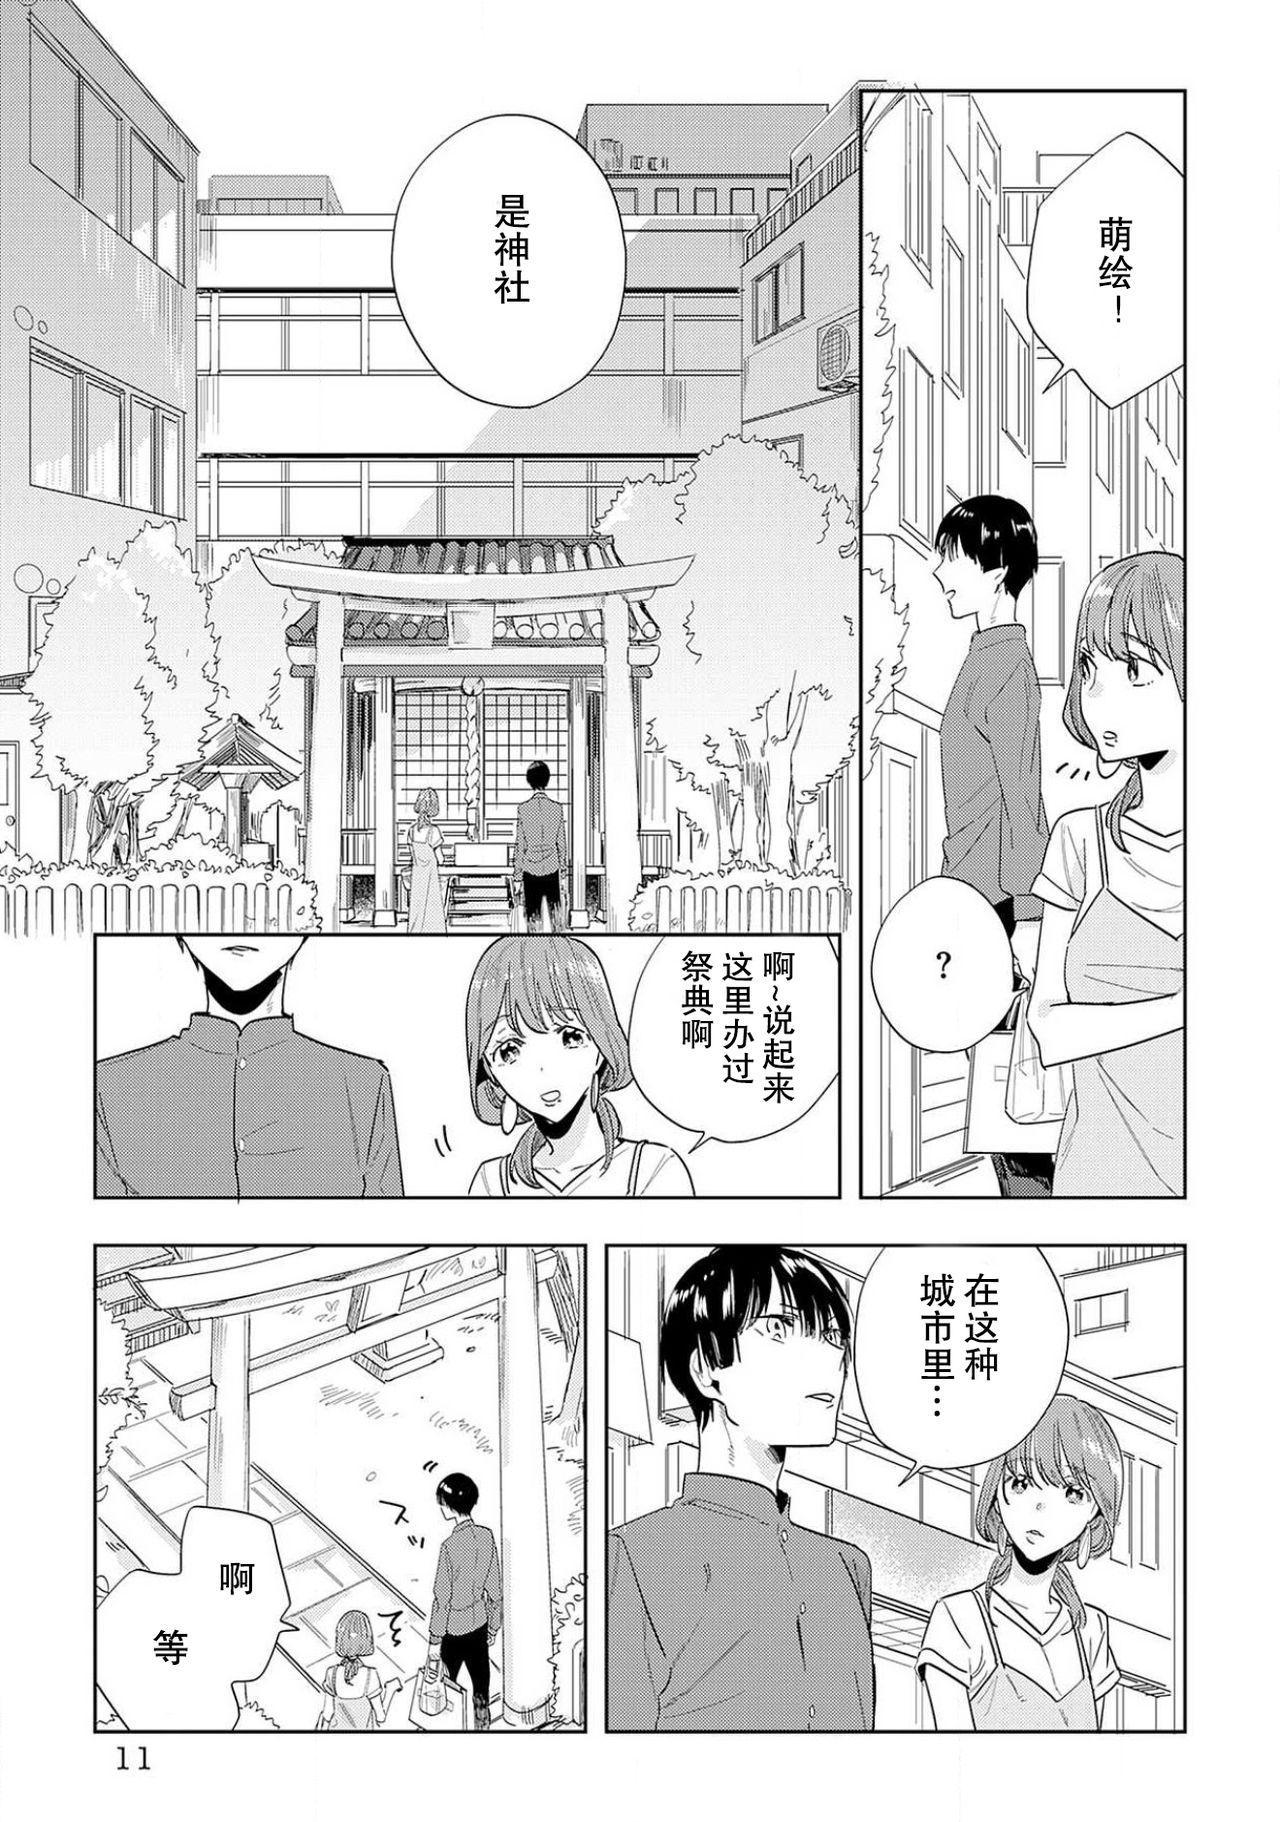 [Hachikawa Kyuu] Kami-sama to Ikenie H Keiyaku Shichaimashita | 我与神明大人签订了祭品H契约 1-3 [Chinese] [莉赛特汉化组] 65